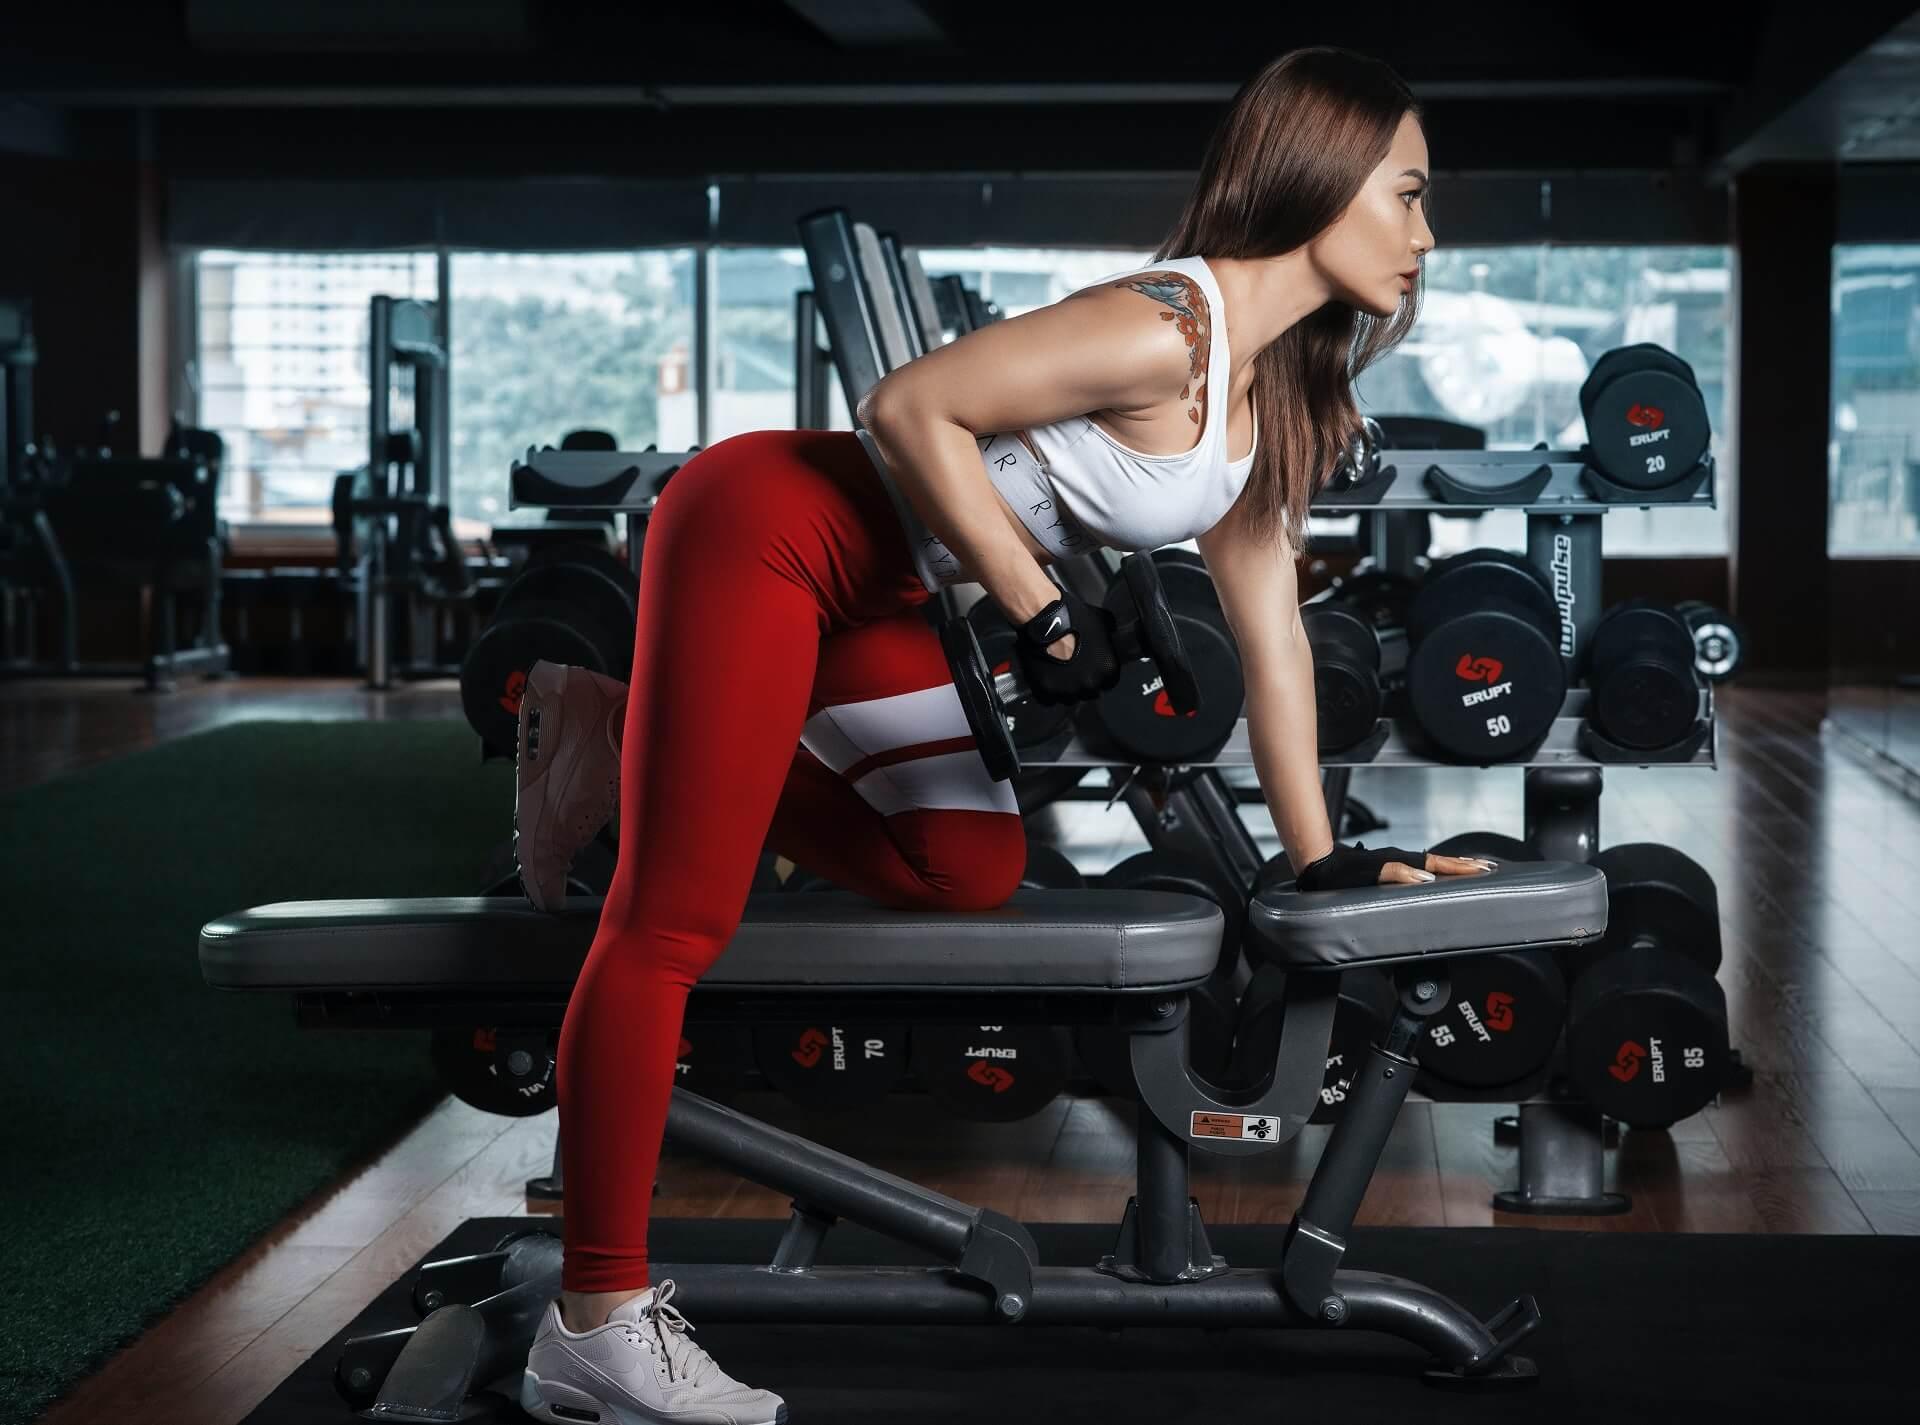 Как тренироваться, чтобы достичь результата: Советы фитнес-эксперта-Фото 4